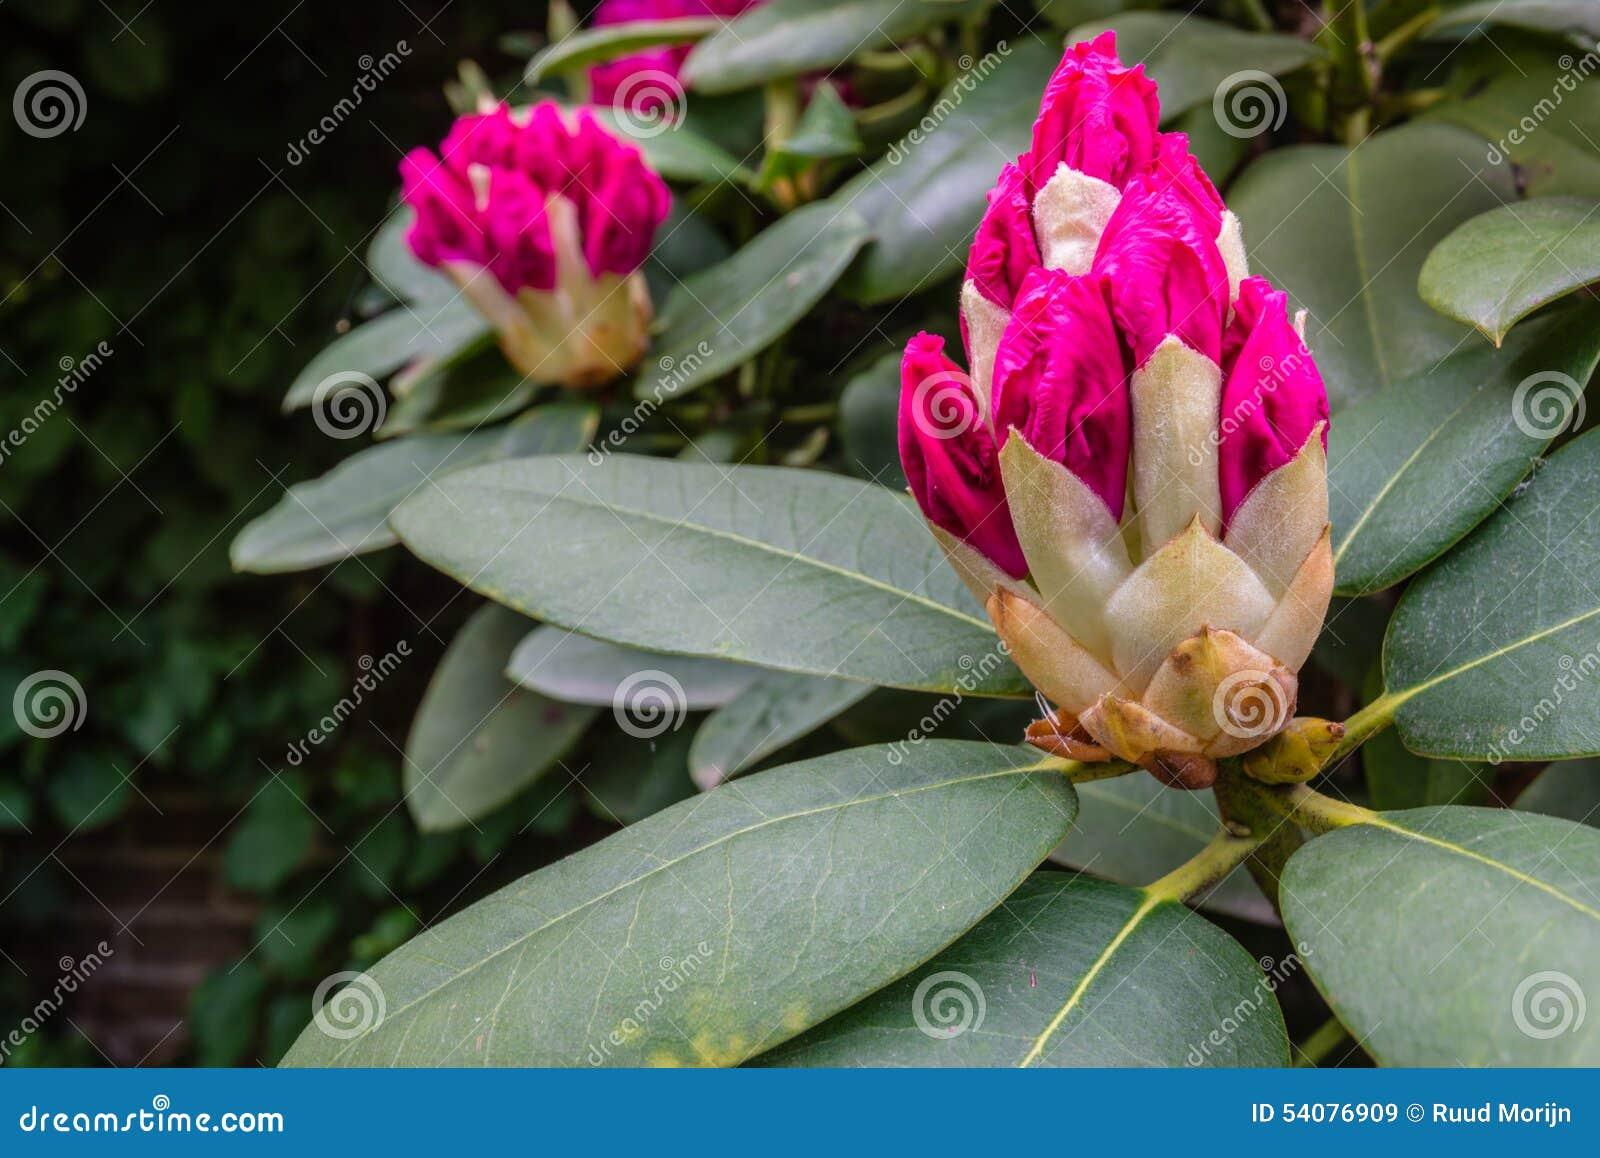 Ontluikende Rododendronknoppen van het sluiten